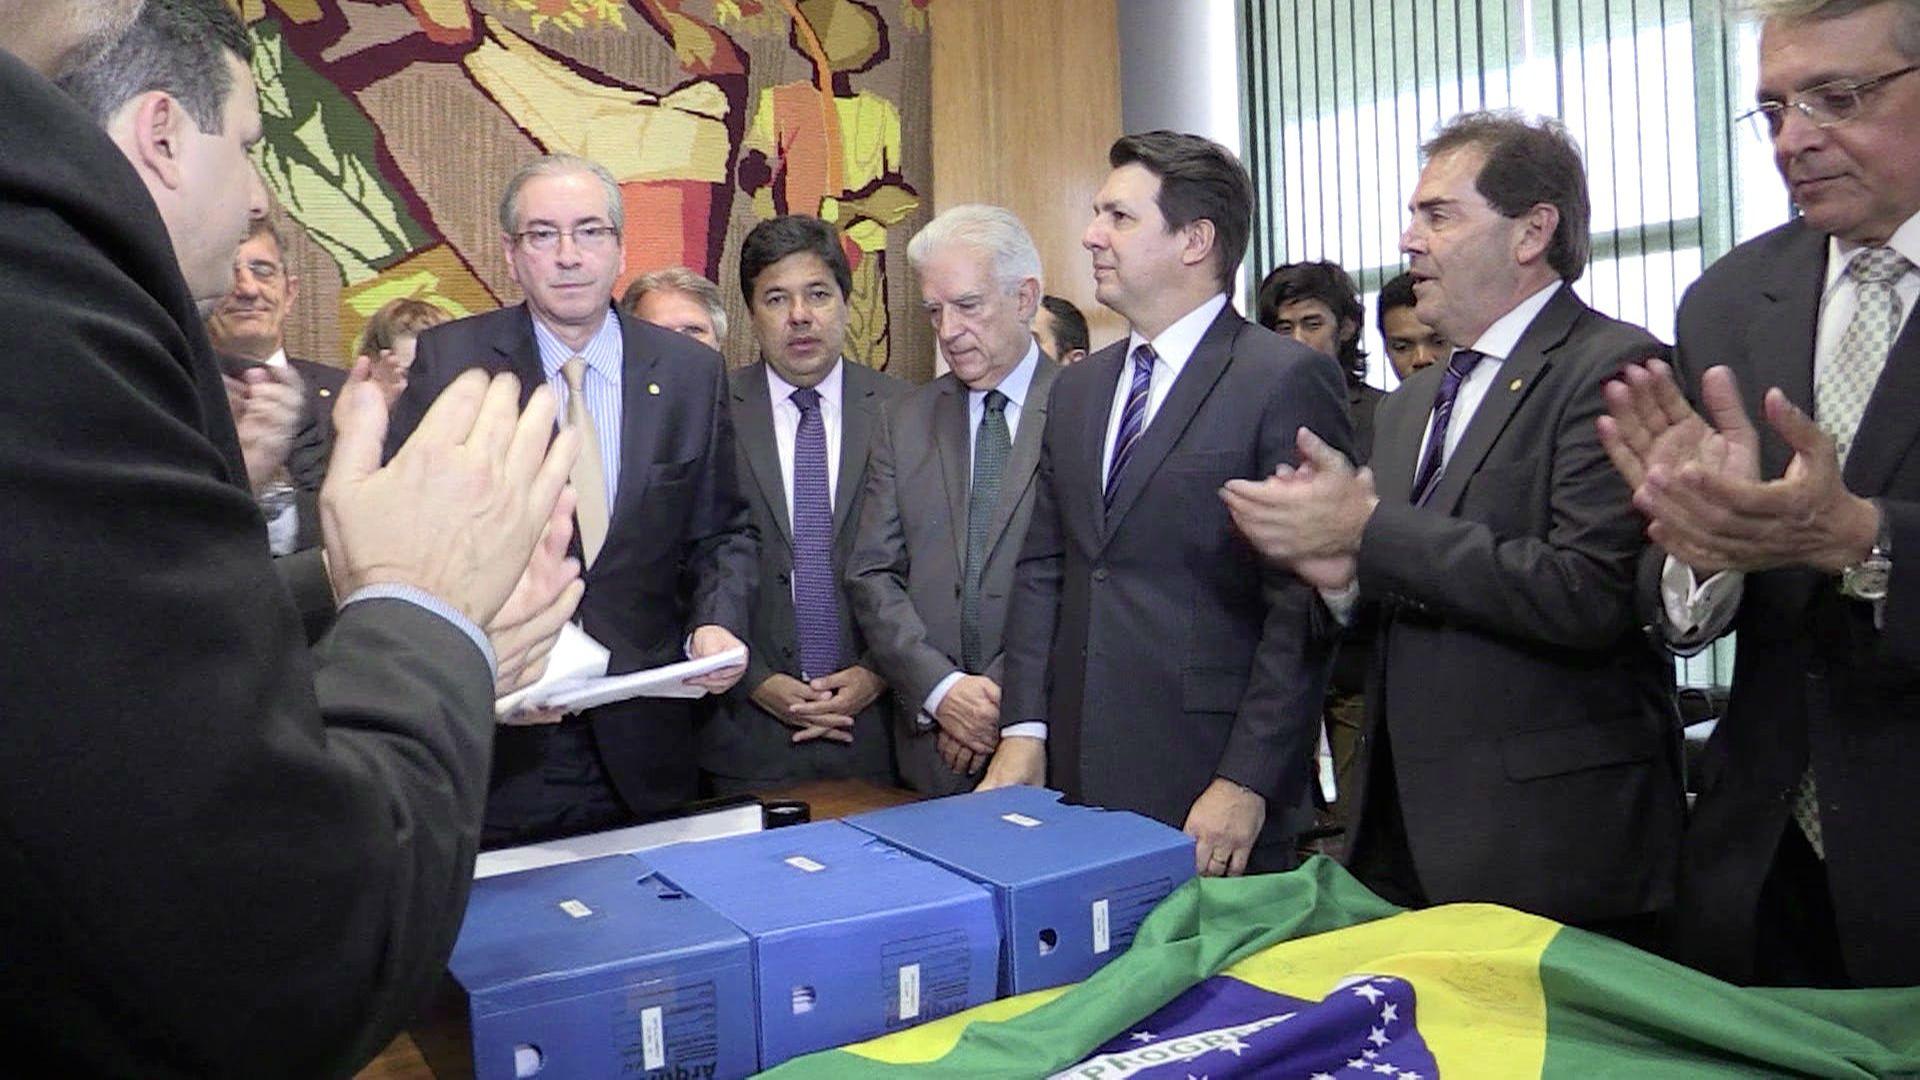 Entregan nuevo pedido de juicio pol tico contra rousseff latinoam rica mundo el comercio peru - Fundar un partido politico ...